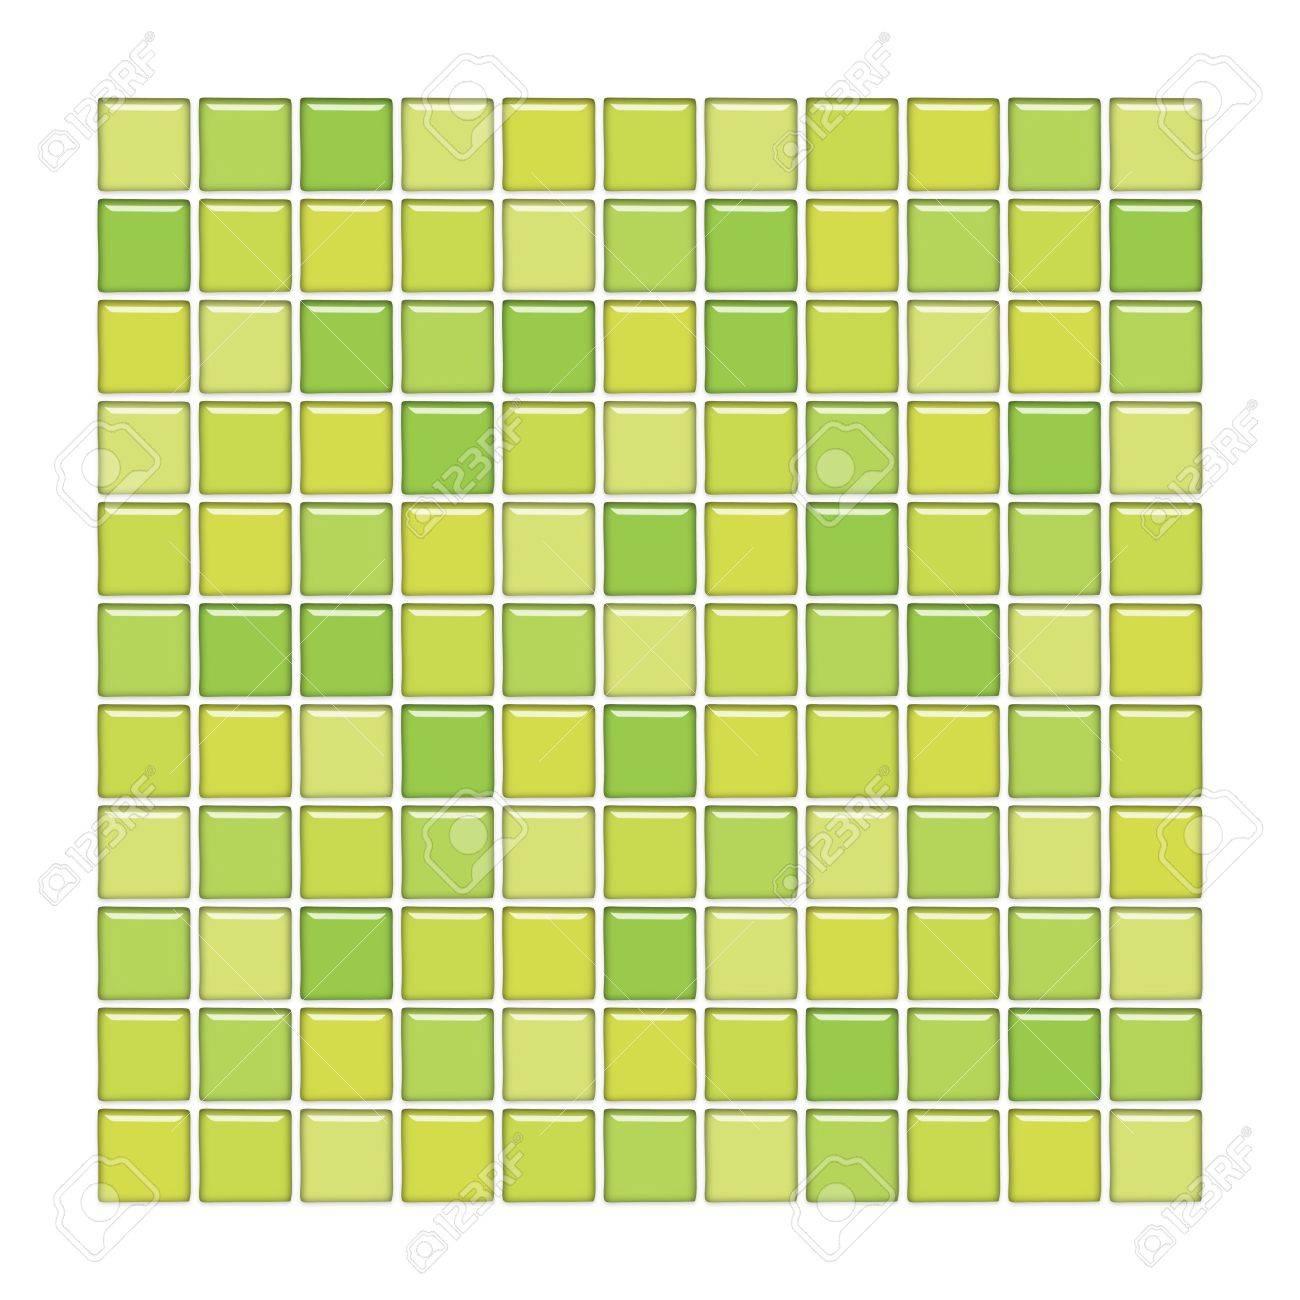 salle de bains avec paroi de verre vert mosaque banque dimages 3003907 - Salle De Bain Mosaique Verte